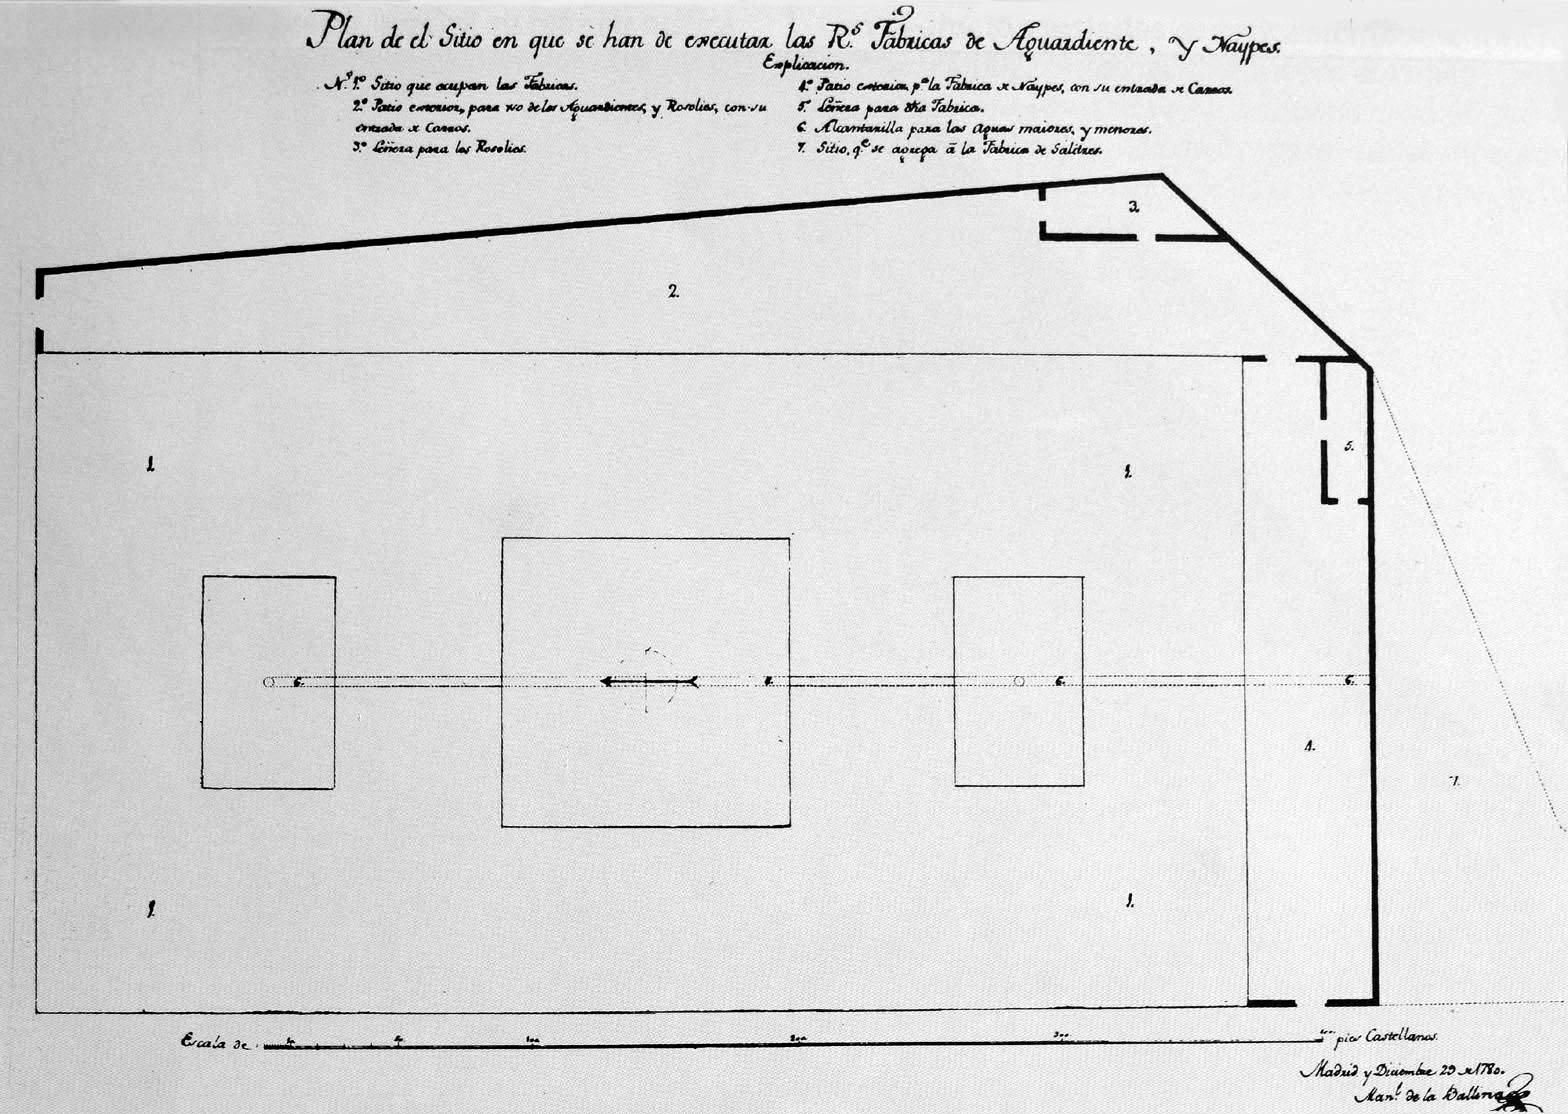 Manuel de la Ballina_Plan de ubicación_1781